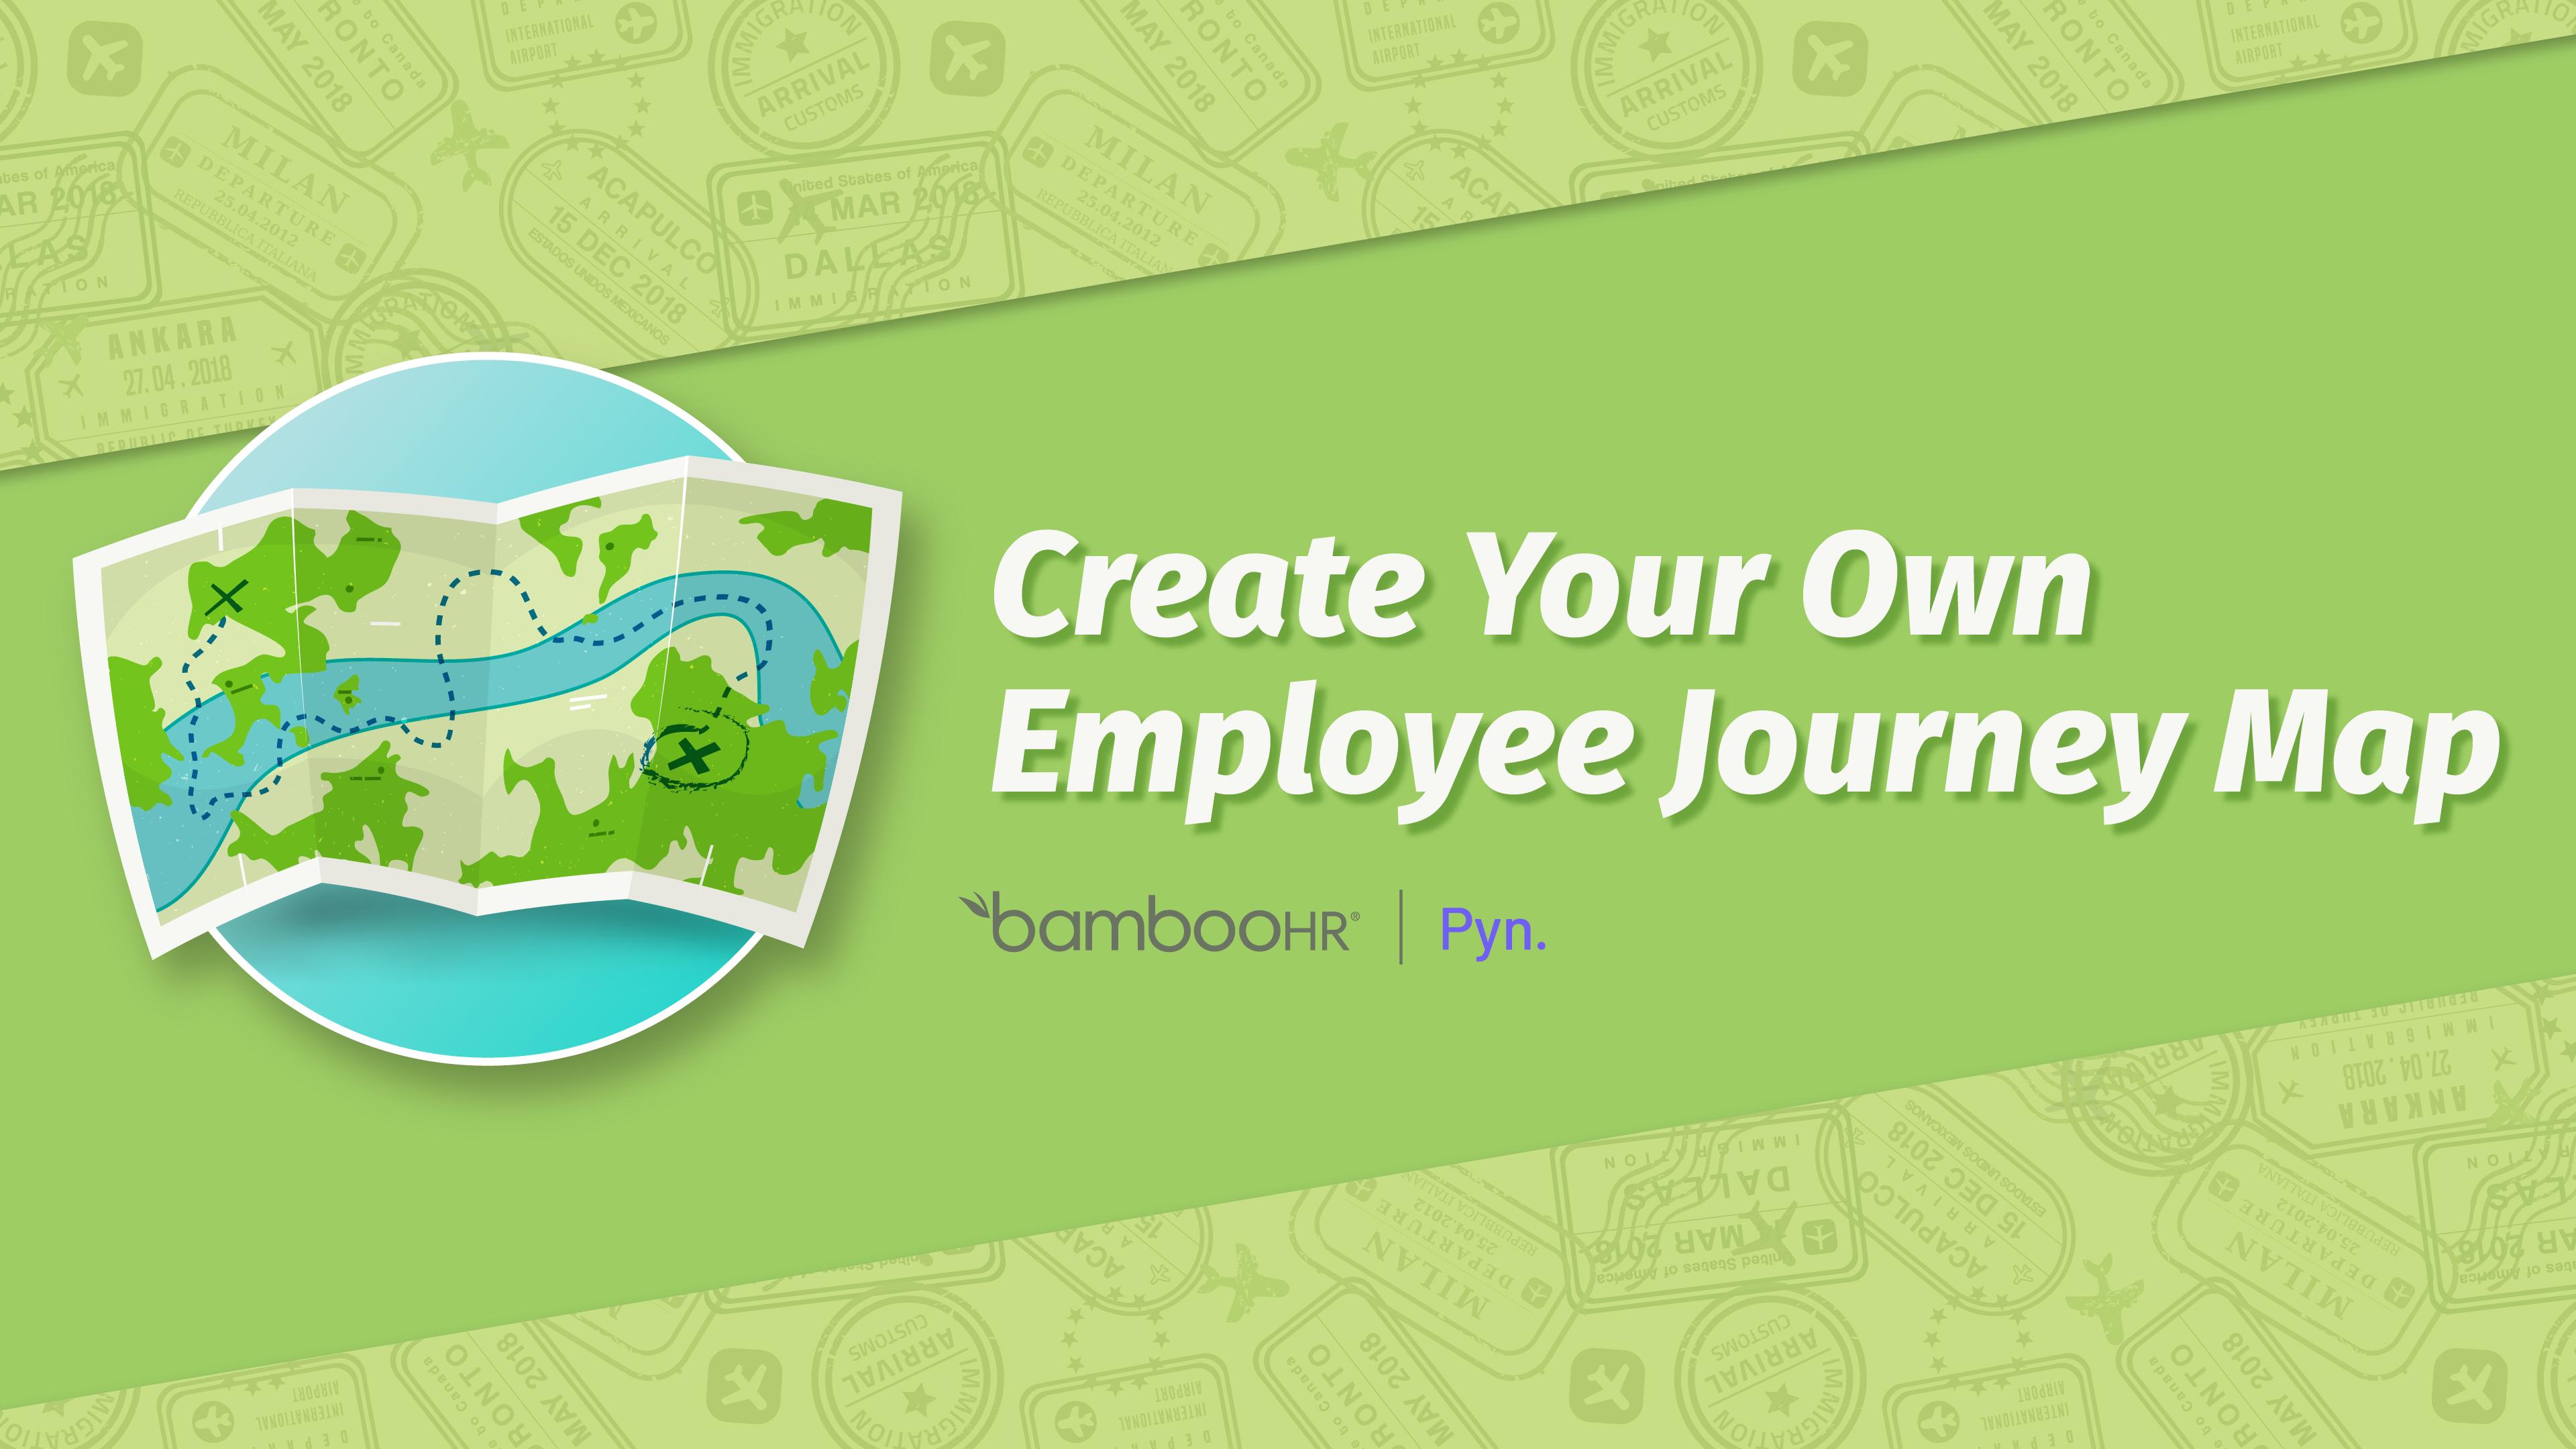 创建自己的员工旅程地图